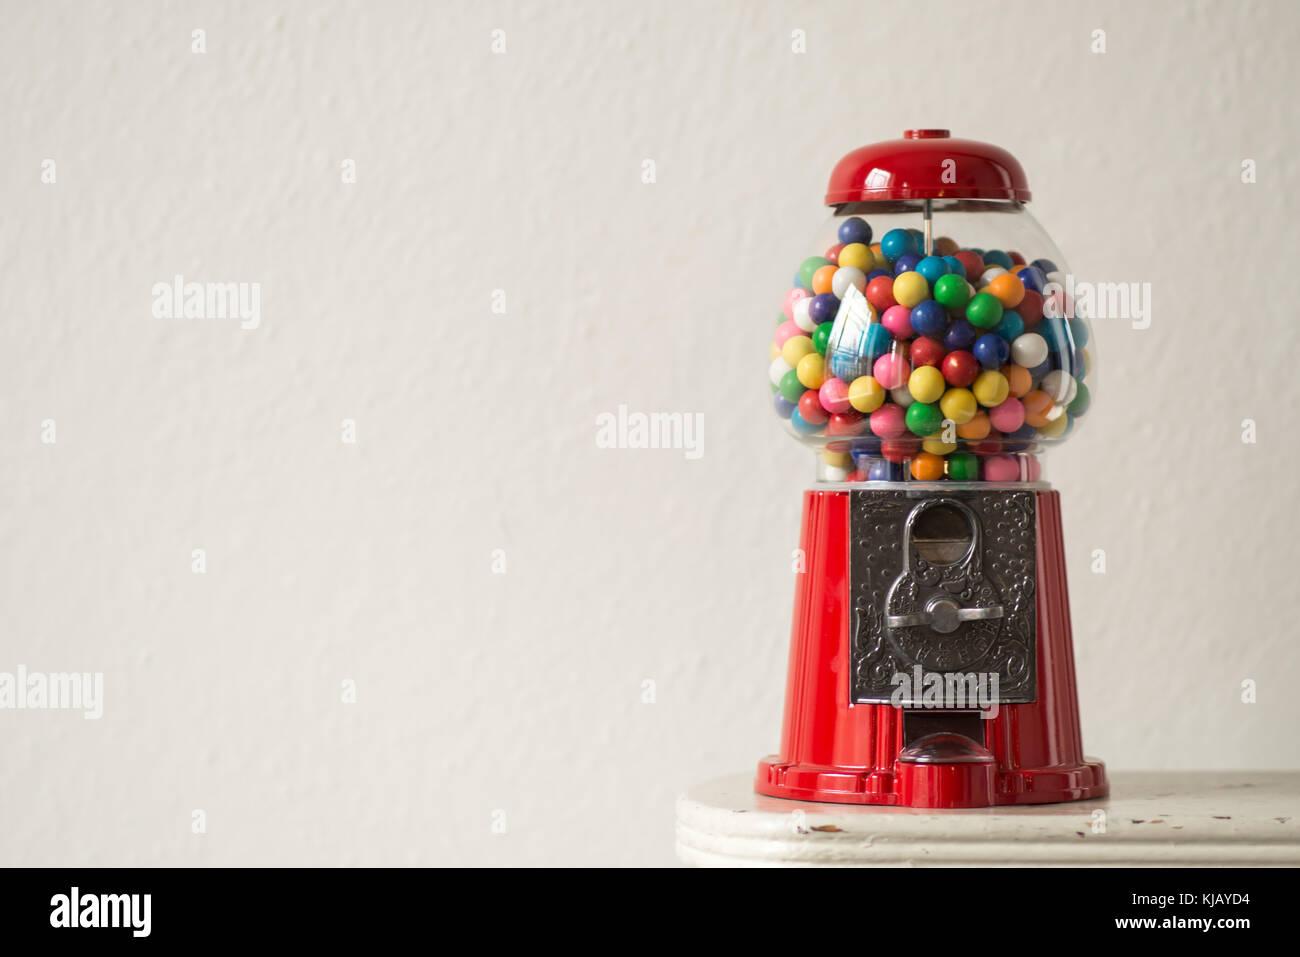 Old fashioned bubble gum machine 8